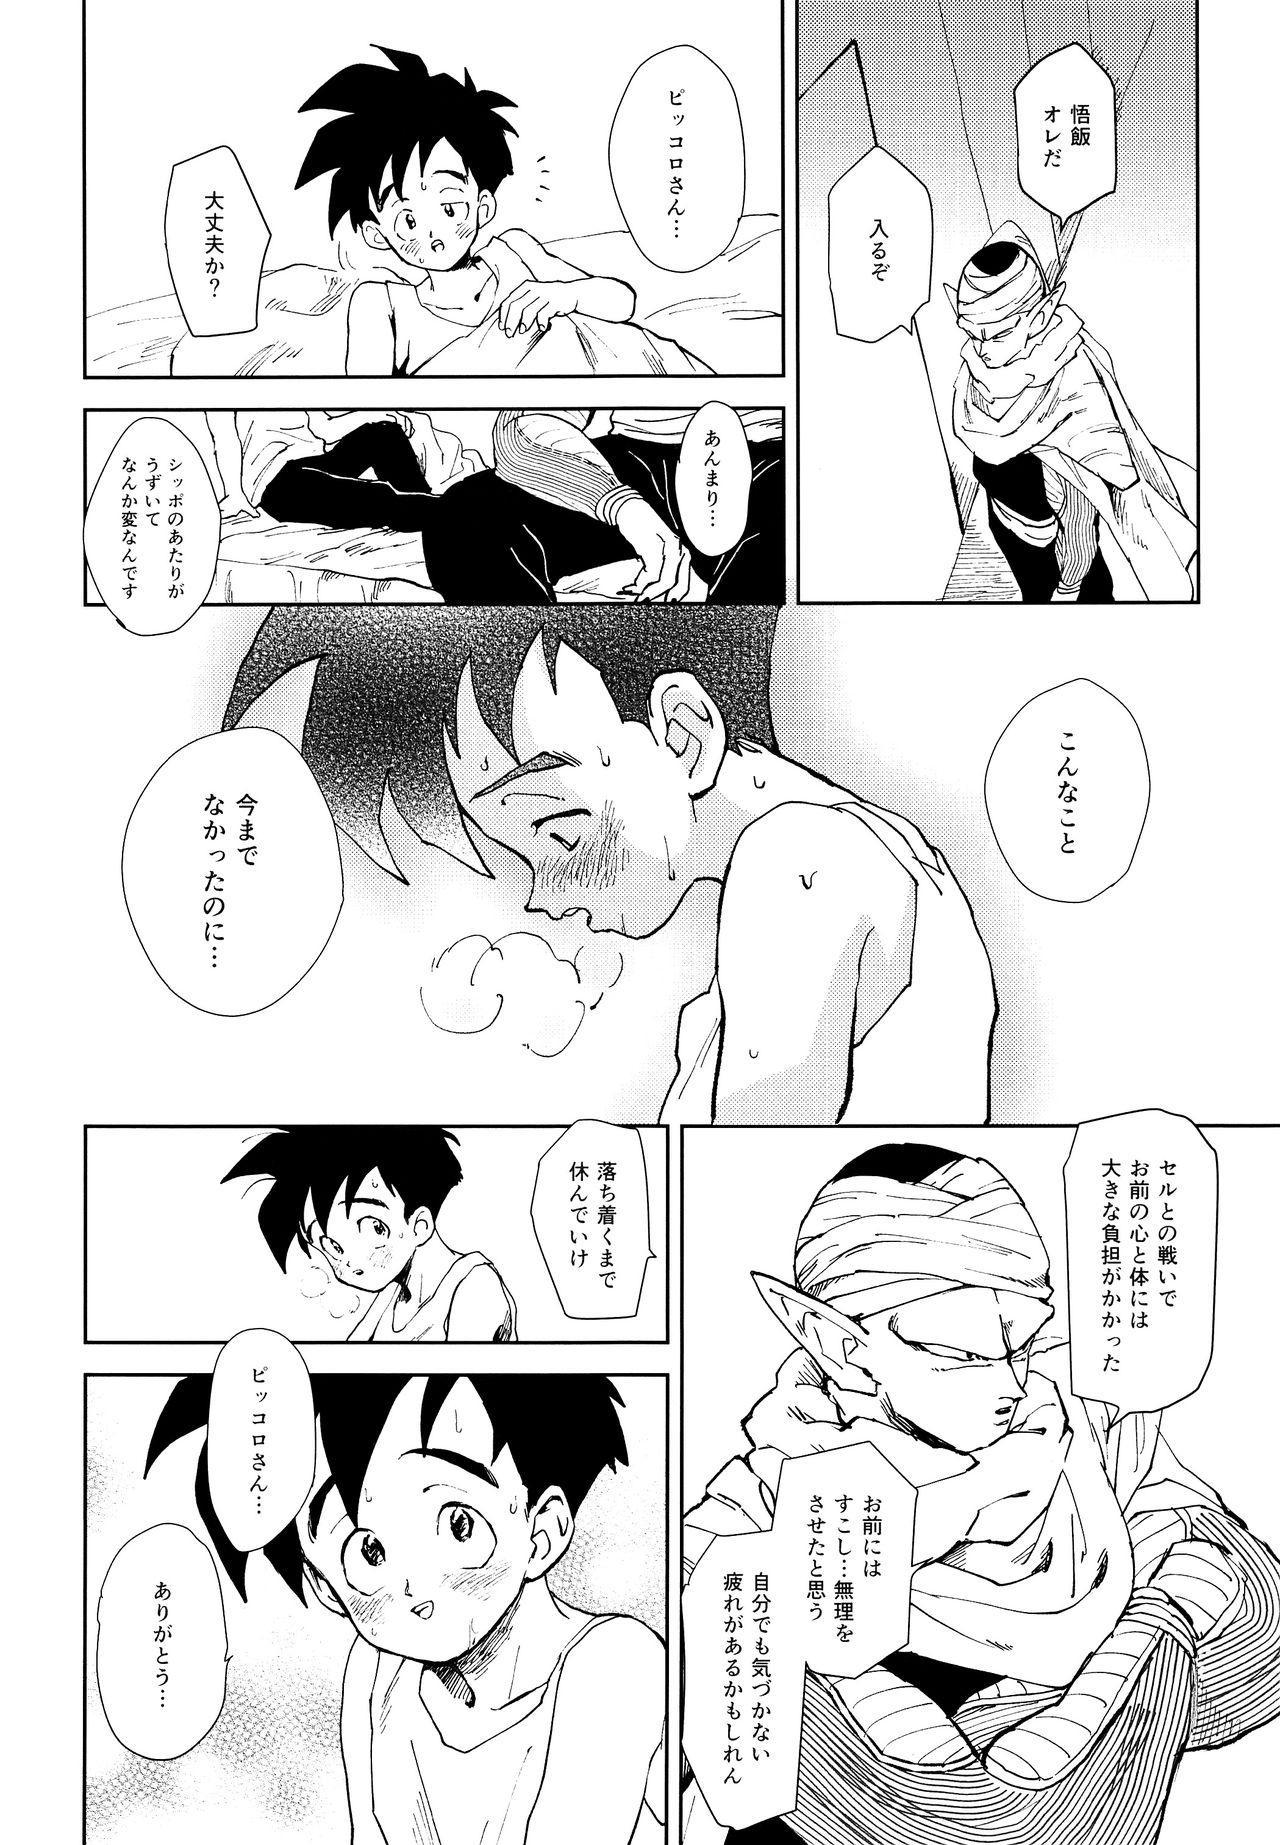 Tsuki ni Somuite 5